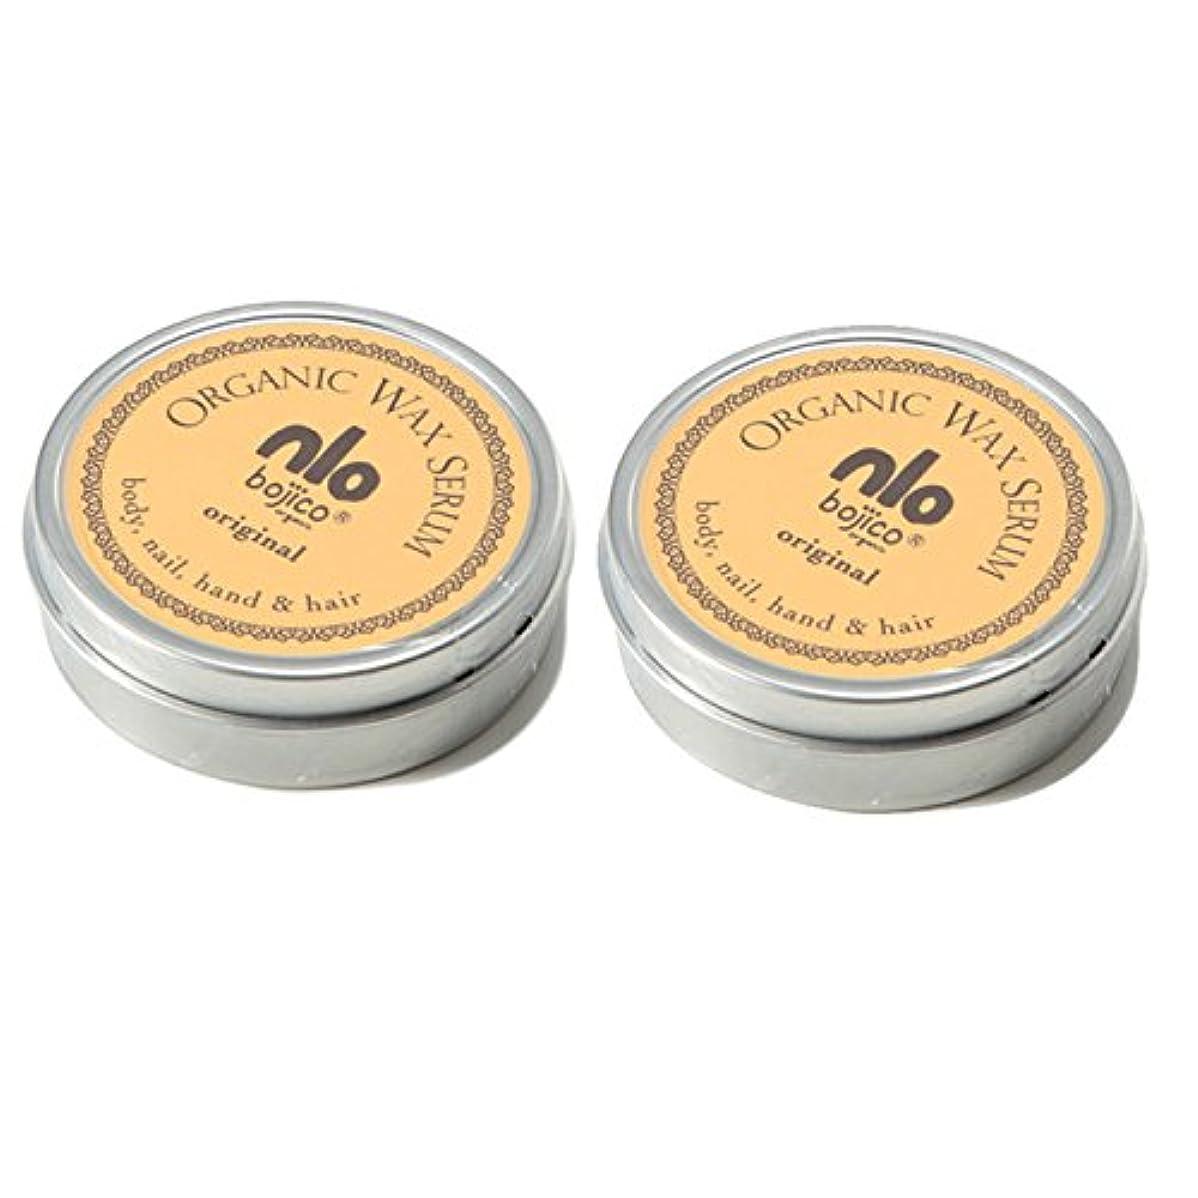 悪名高い禁止する港【40g×2個セット】 ボジコ オーガニック ワックス セラム<オリジナル> bojico Organic Wax Serum 40g×2